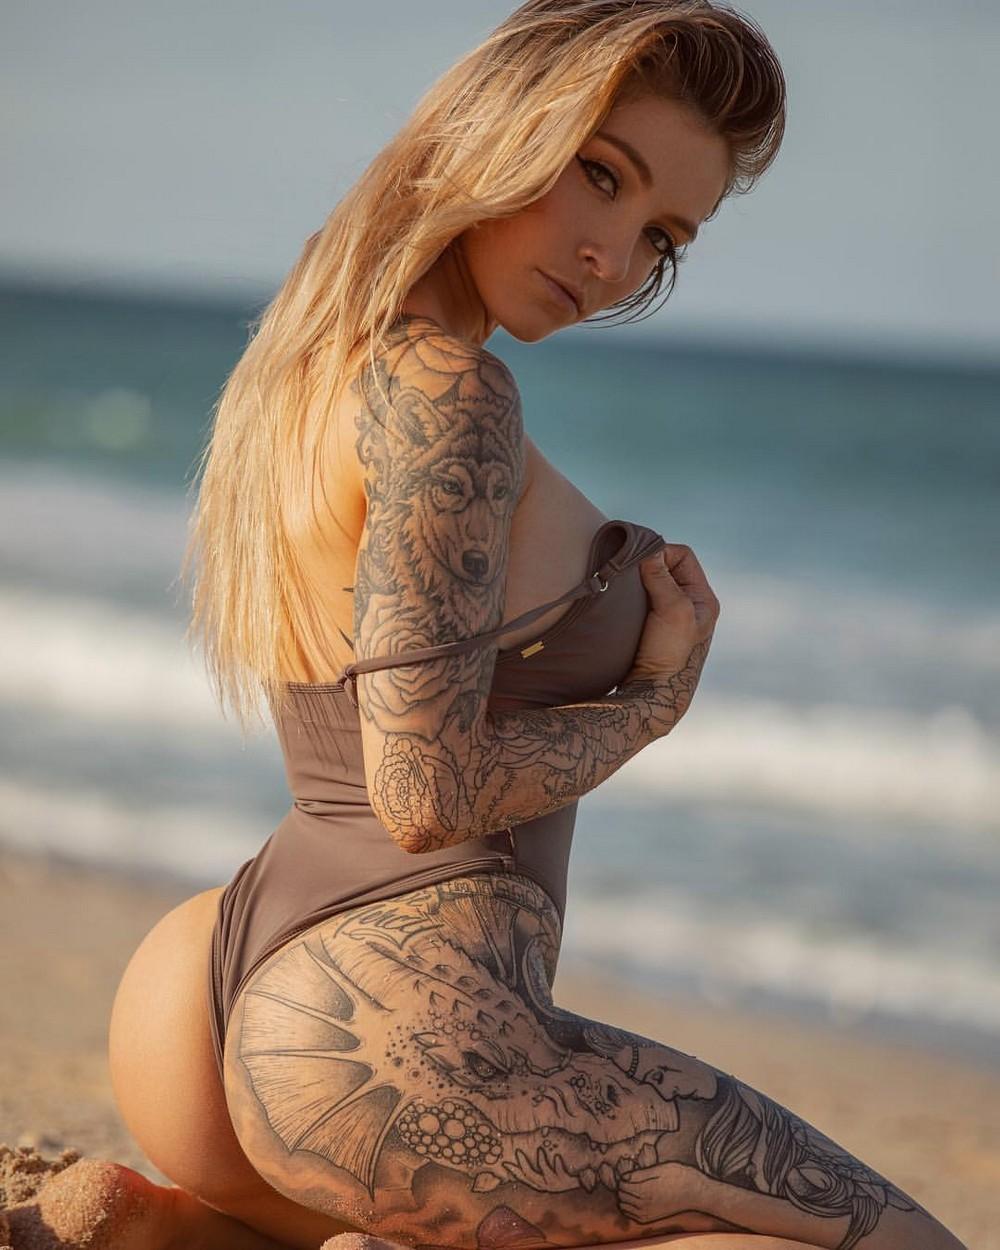 os-gustan-las-mujeres-tatuadas